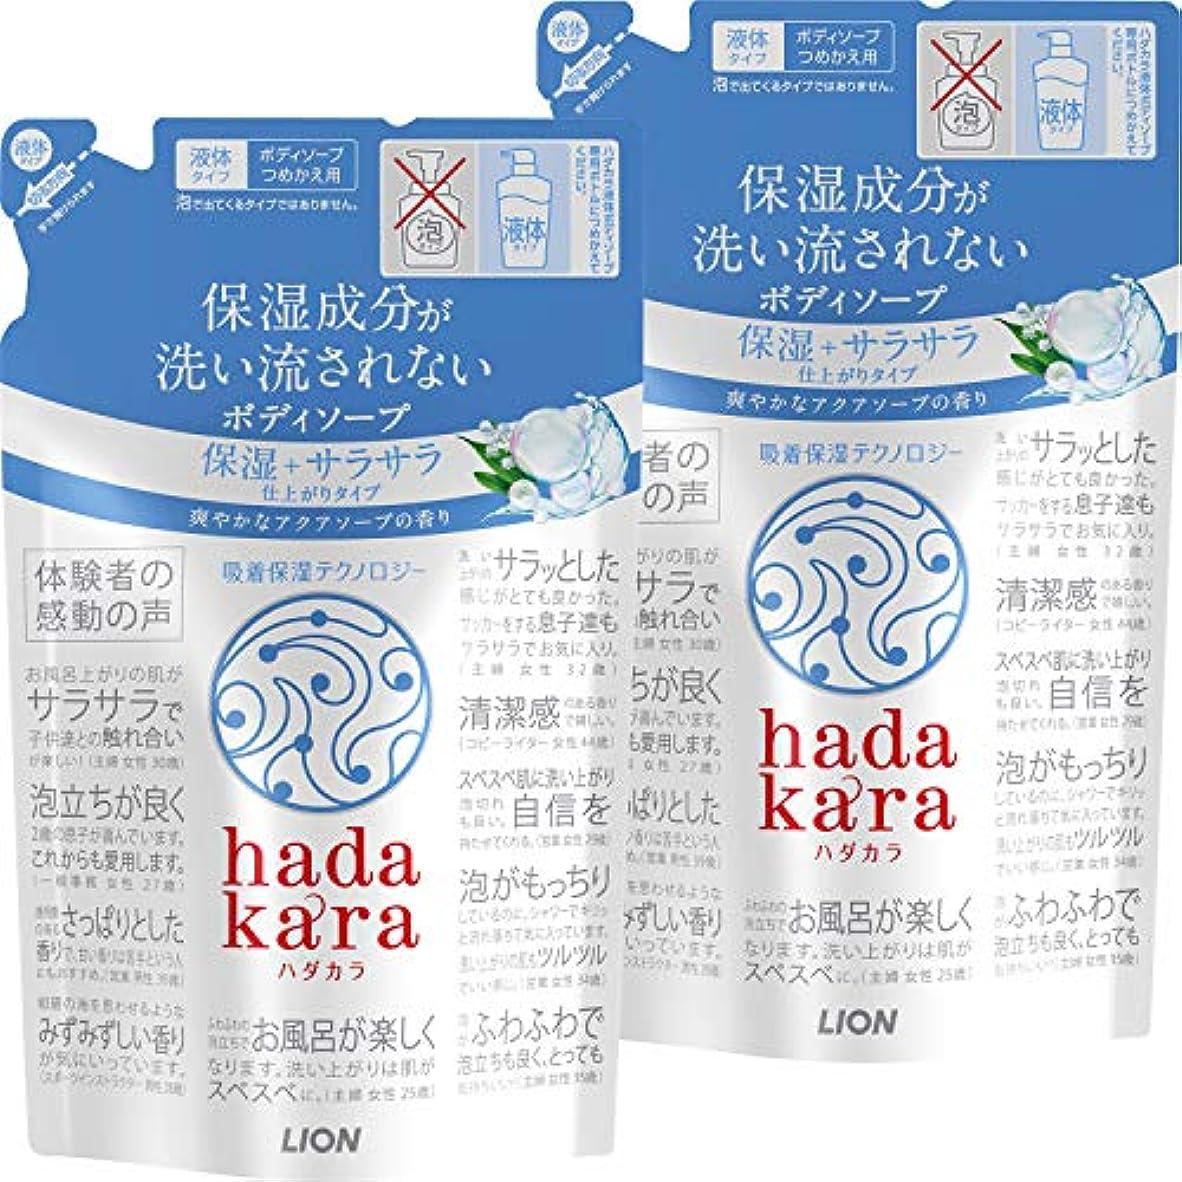 面蒸気刈る【まとめ買い】hadakara(ハダカラ) ボディソープ 保湿+サラサラ仕上がりタイプ アクアソープの香り 詰め替え 340ml×2個パック